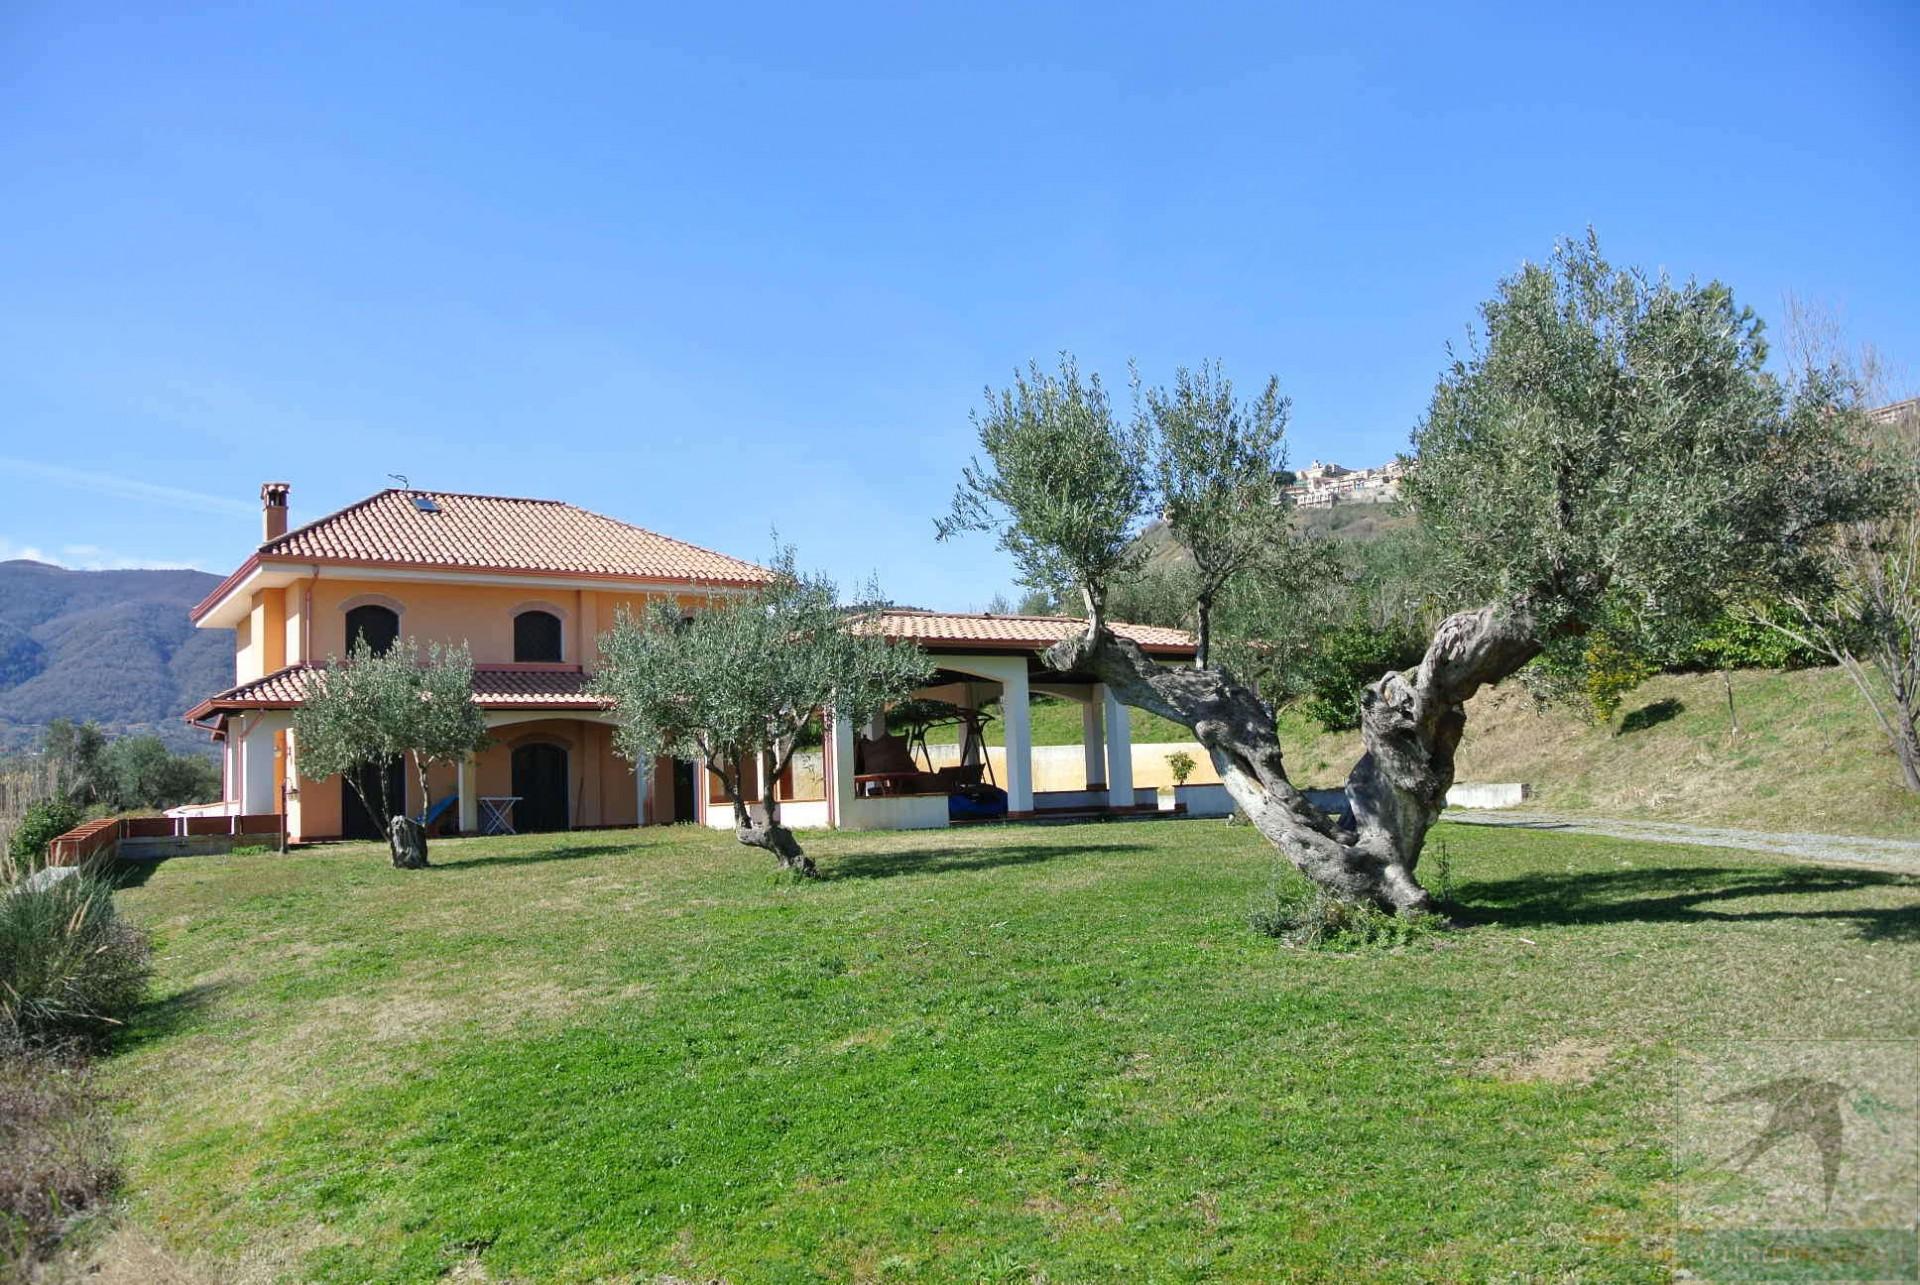 Villa in Vendita 240,00 mq - N. camere: 5 - - Rende - Saporito-Surdo-Malvitani (CS)